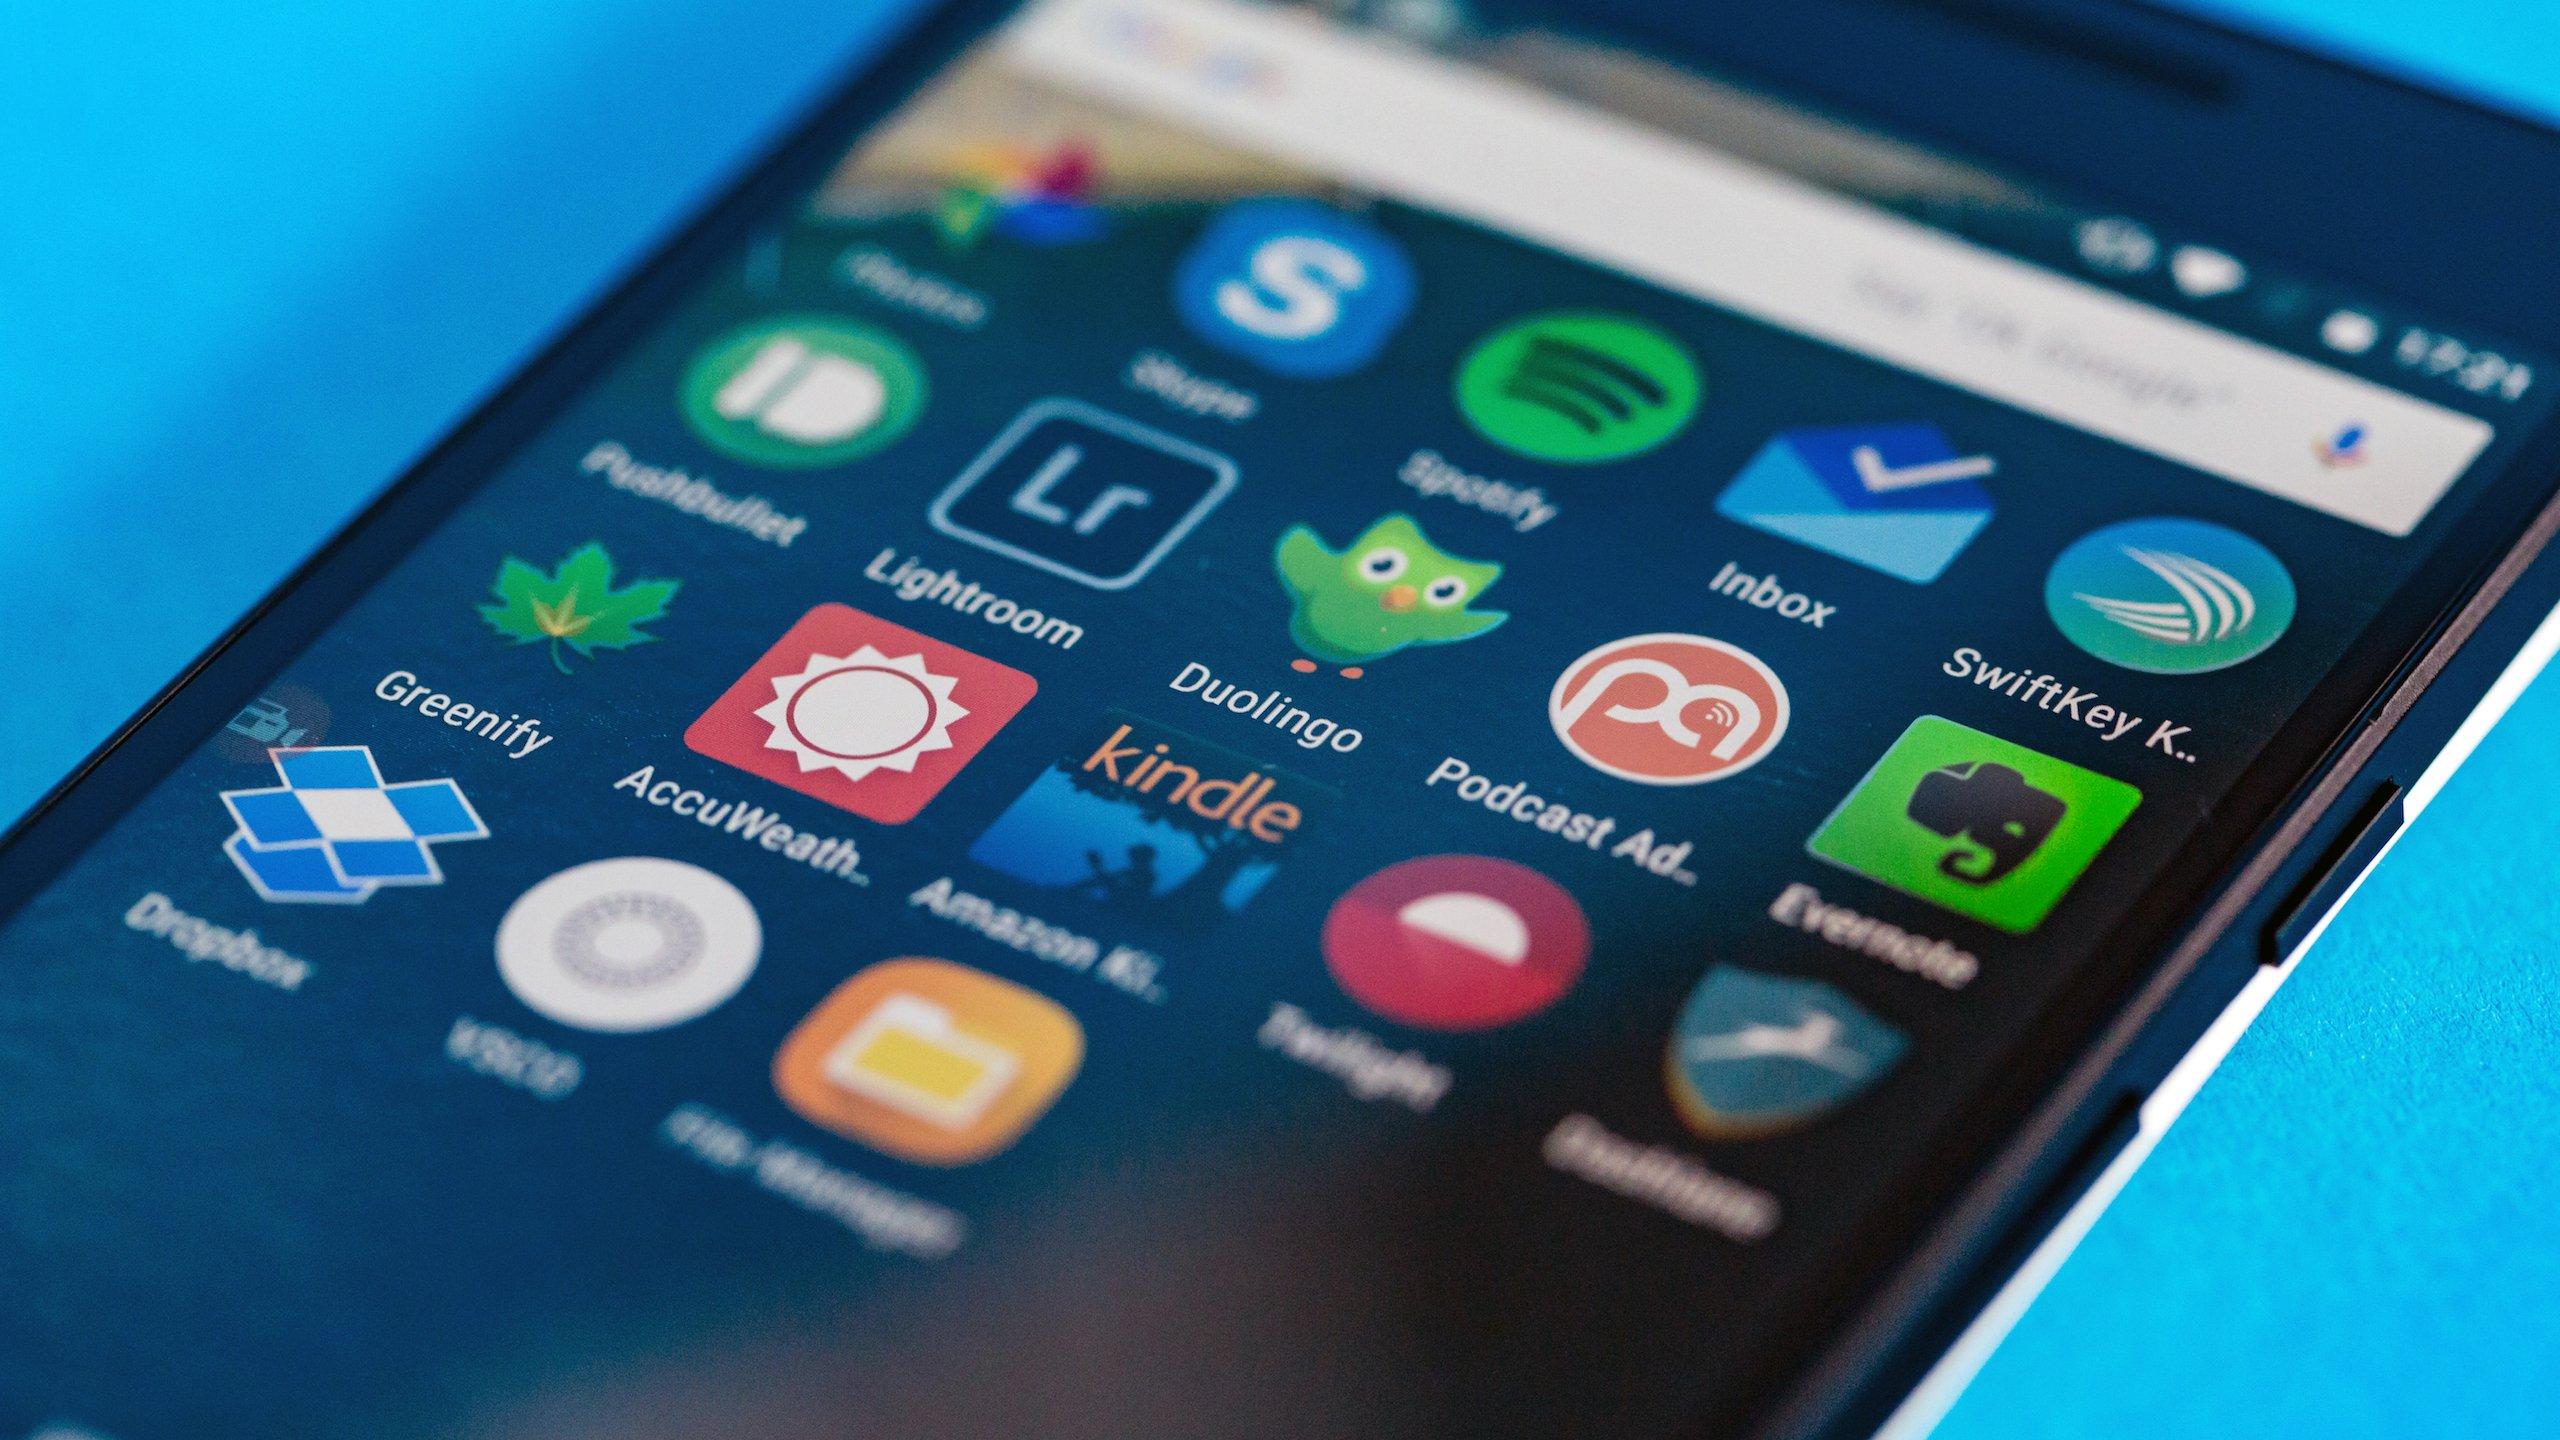 app-android-mangia-giga